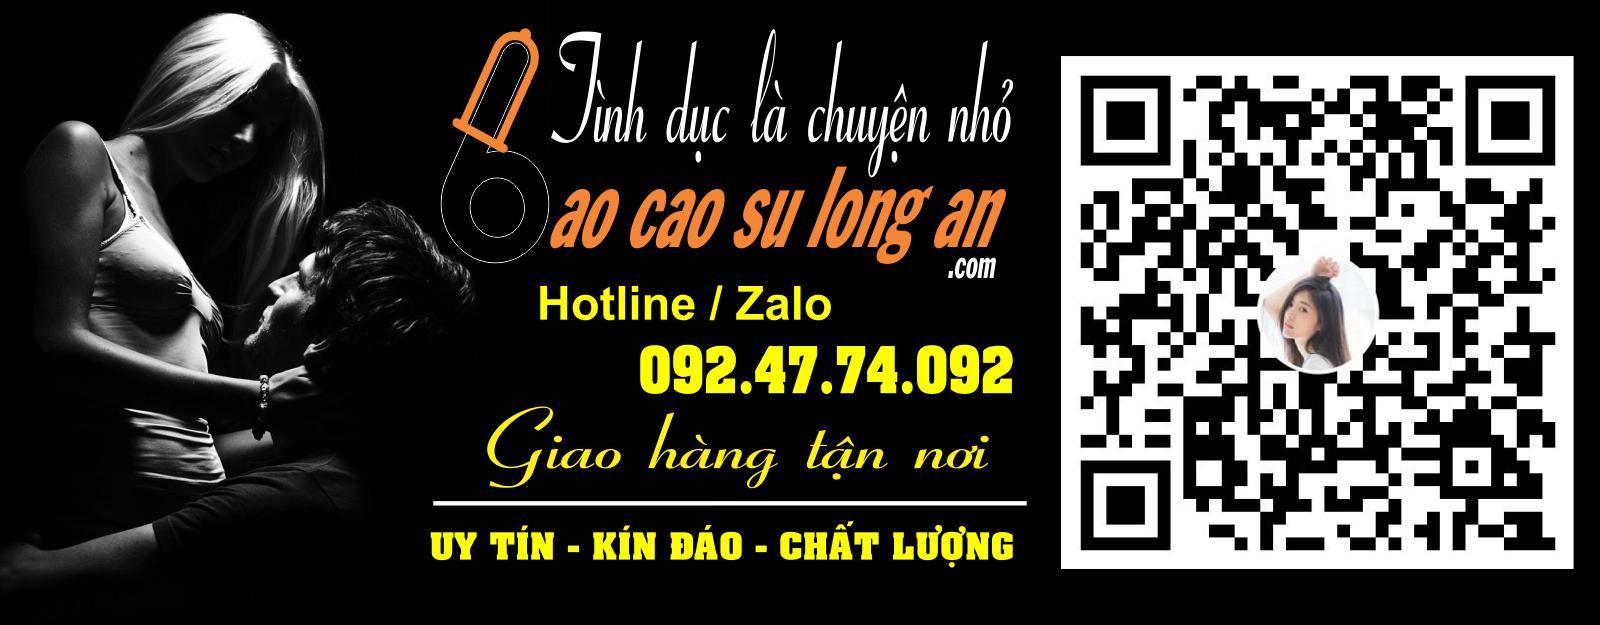 Bao Cao Su Long An